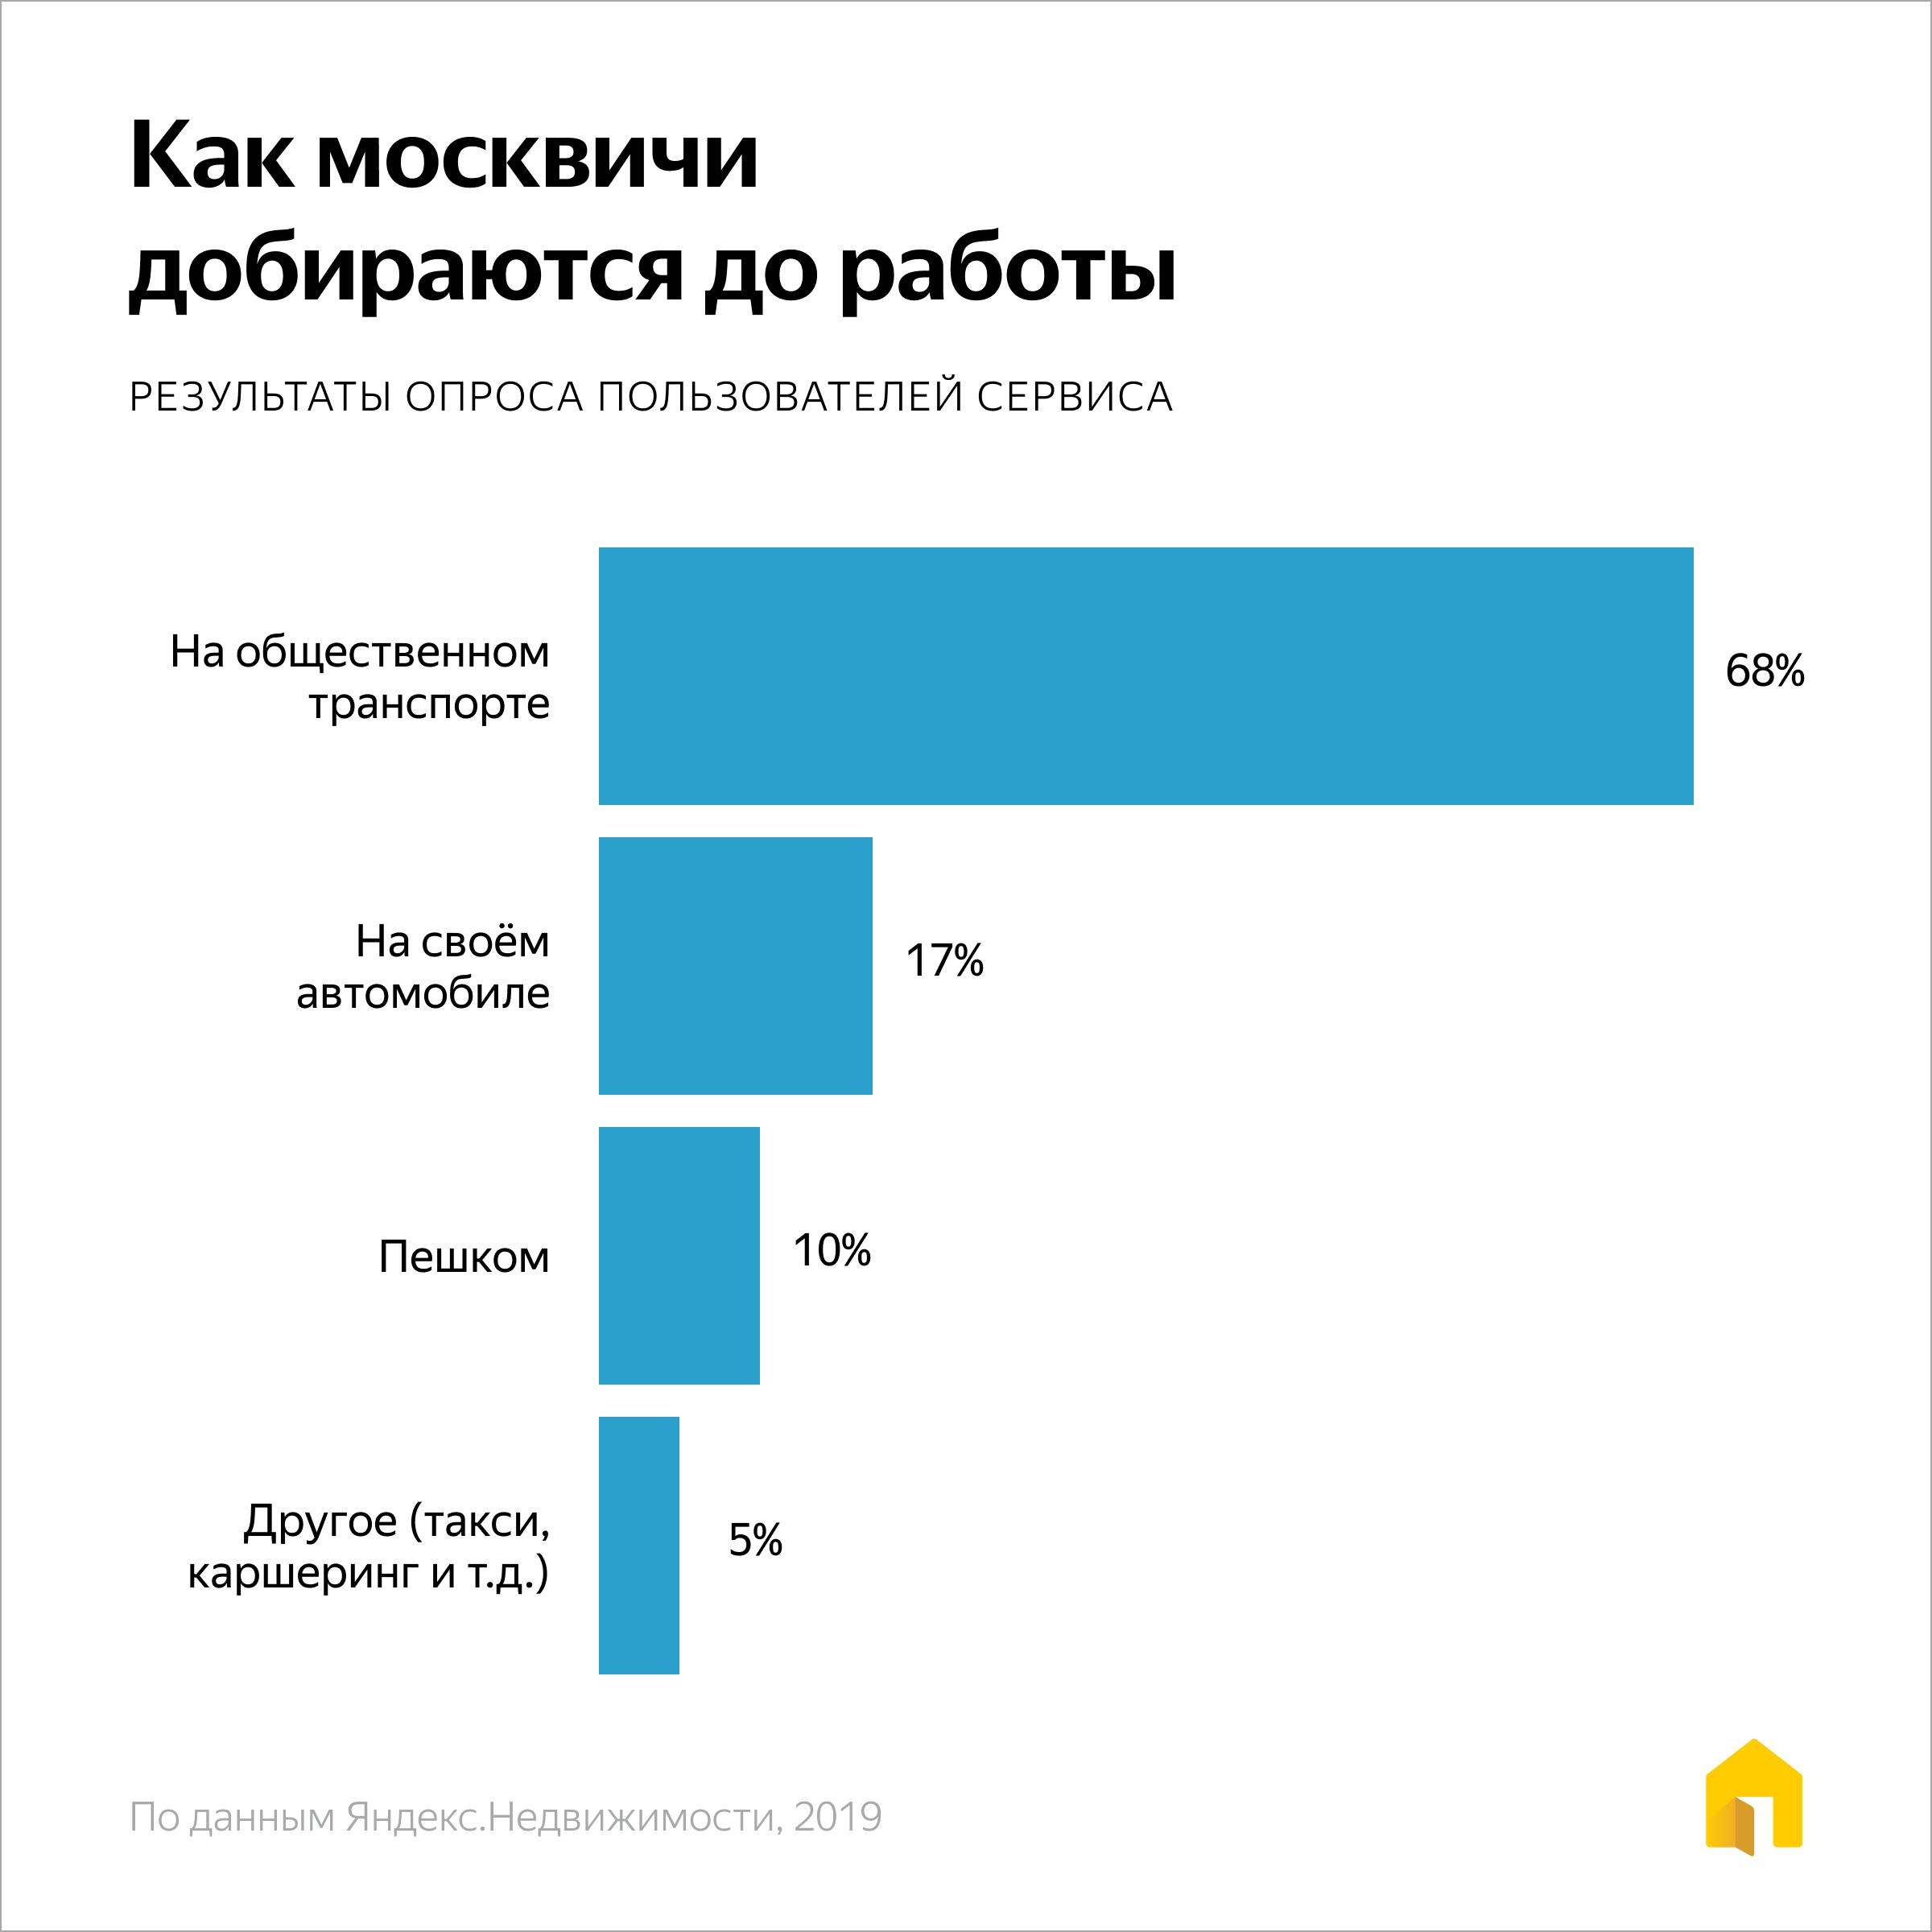 как москвичи добираются до работы